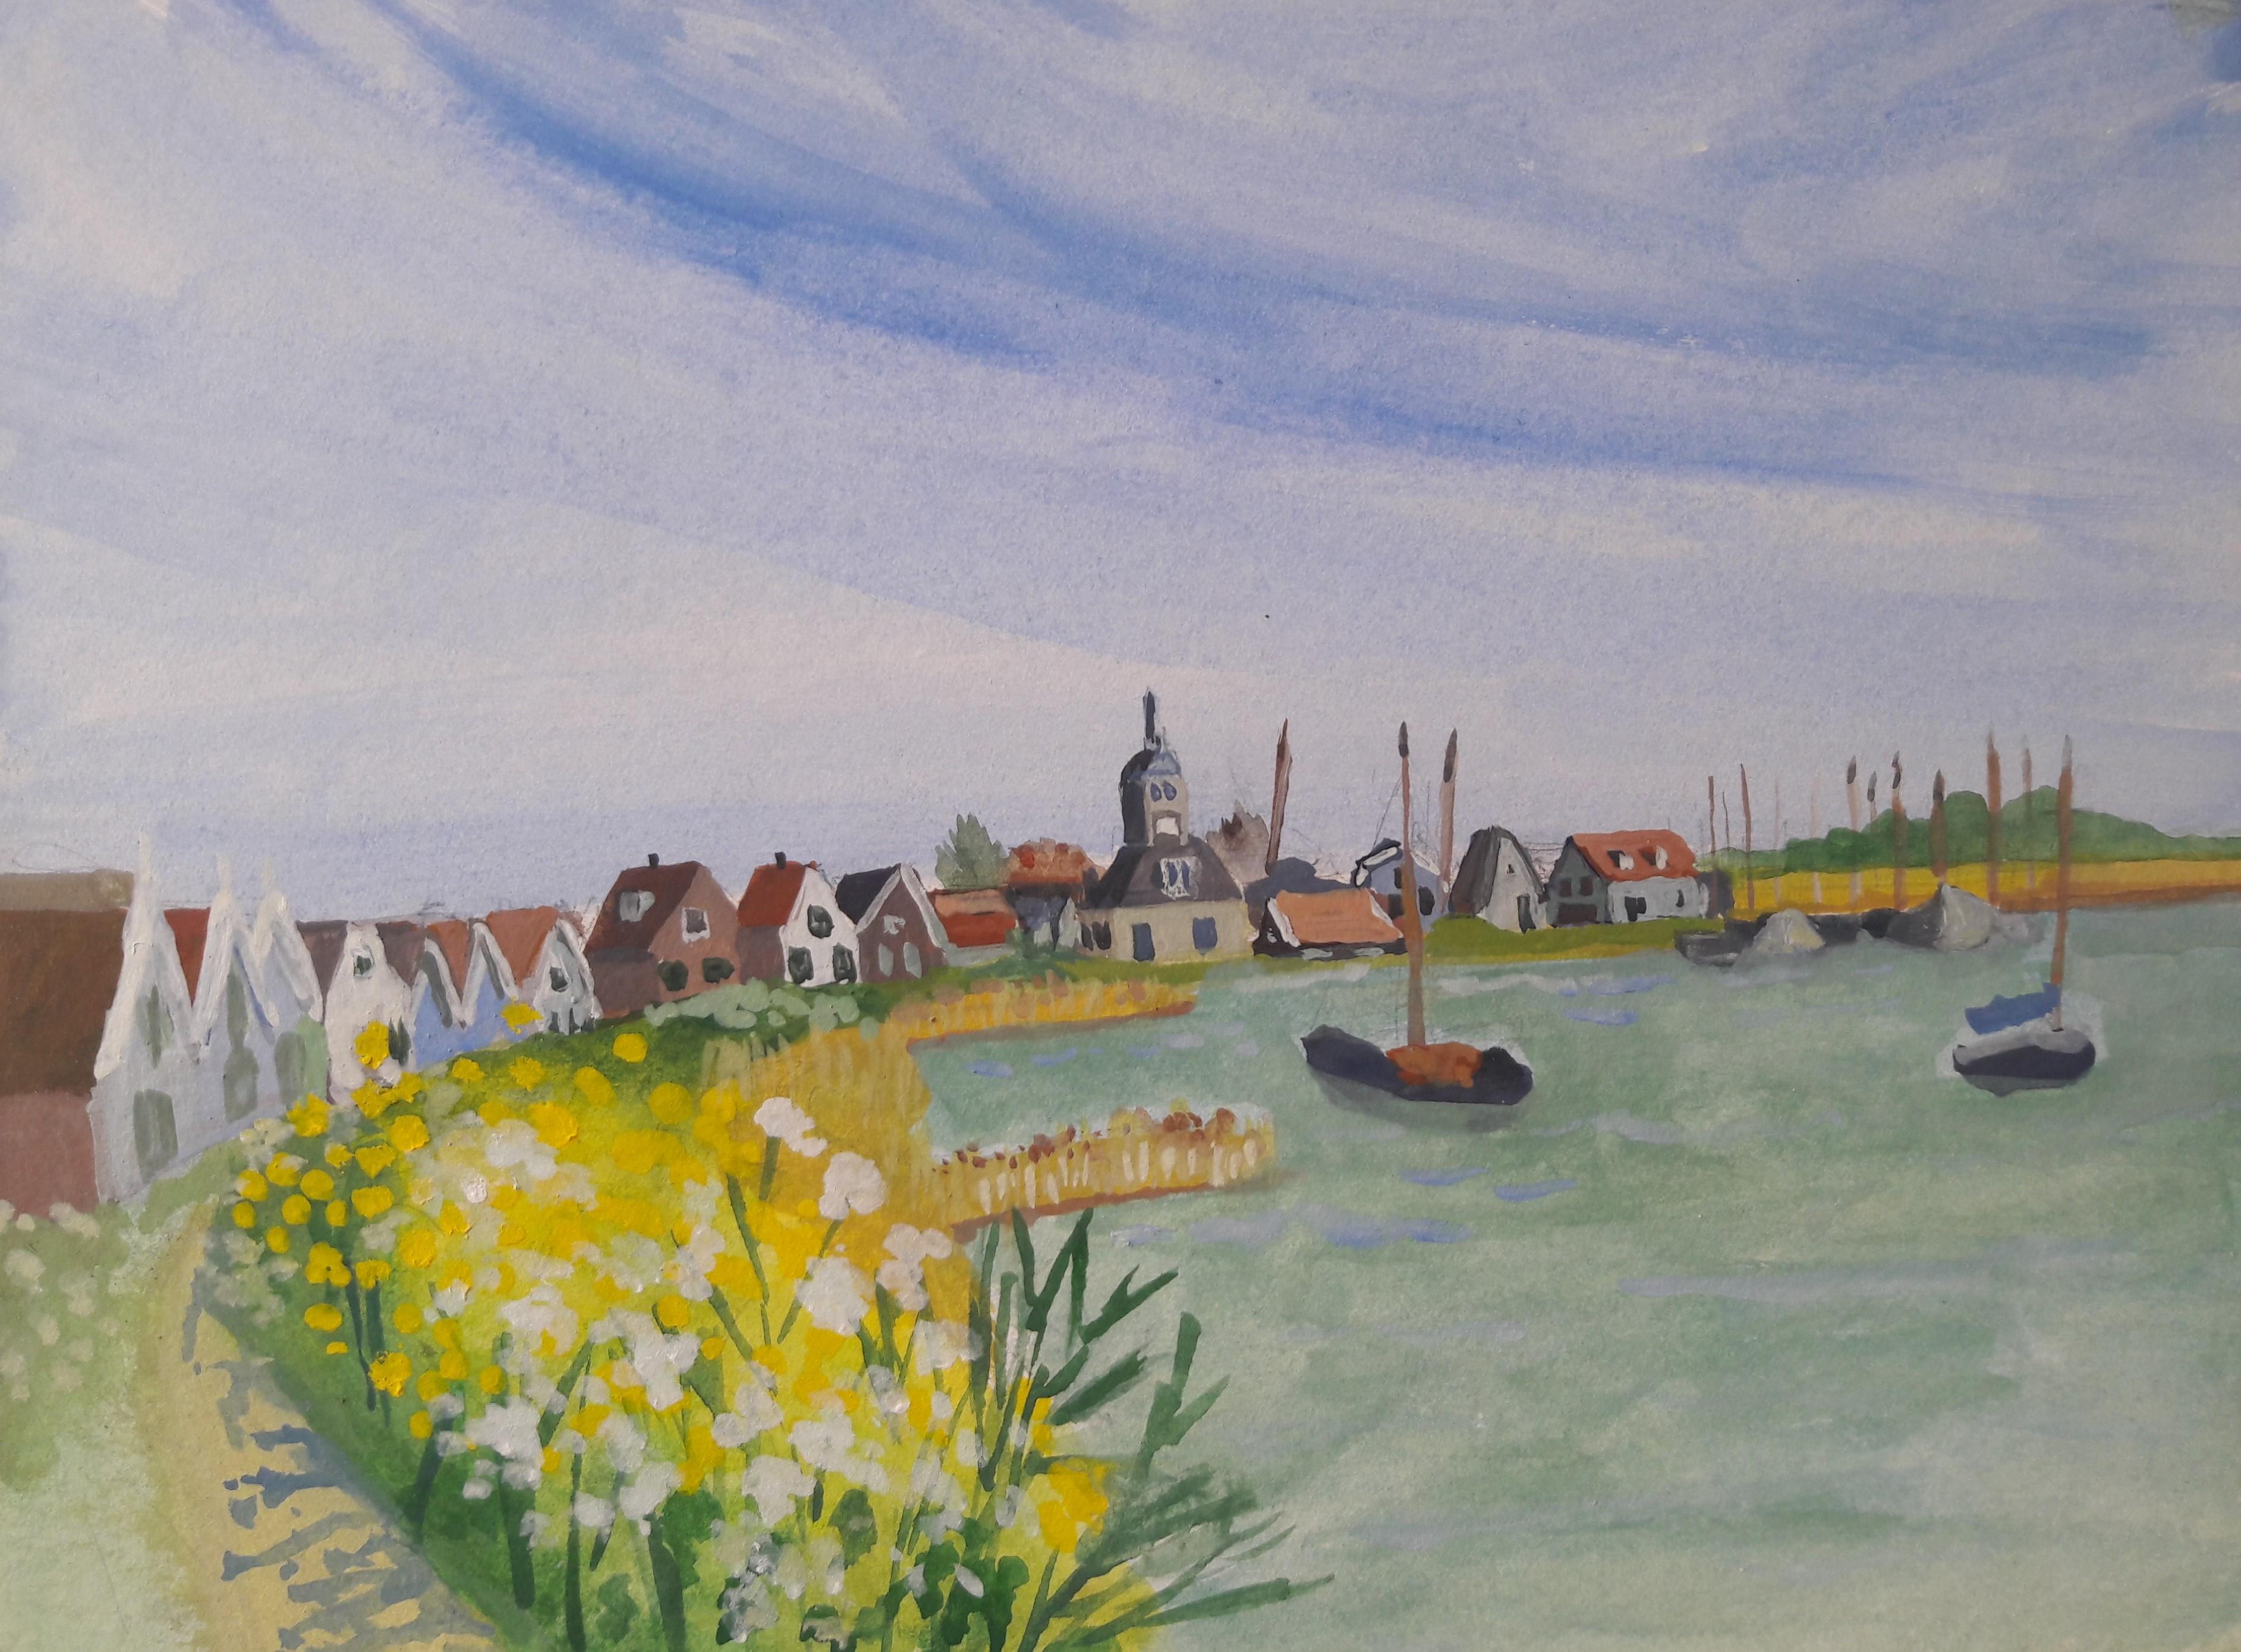 tekenen in tijden van corona, Durgerdam.